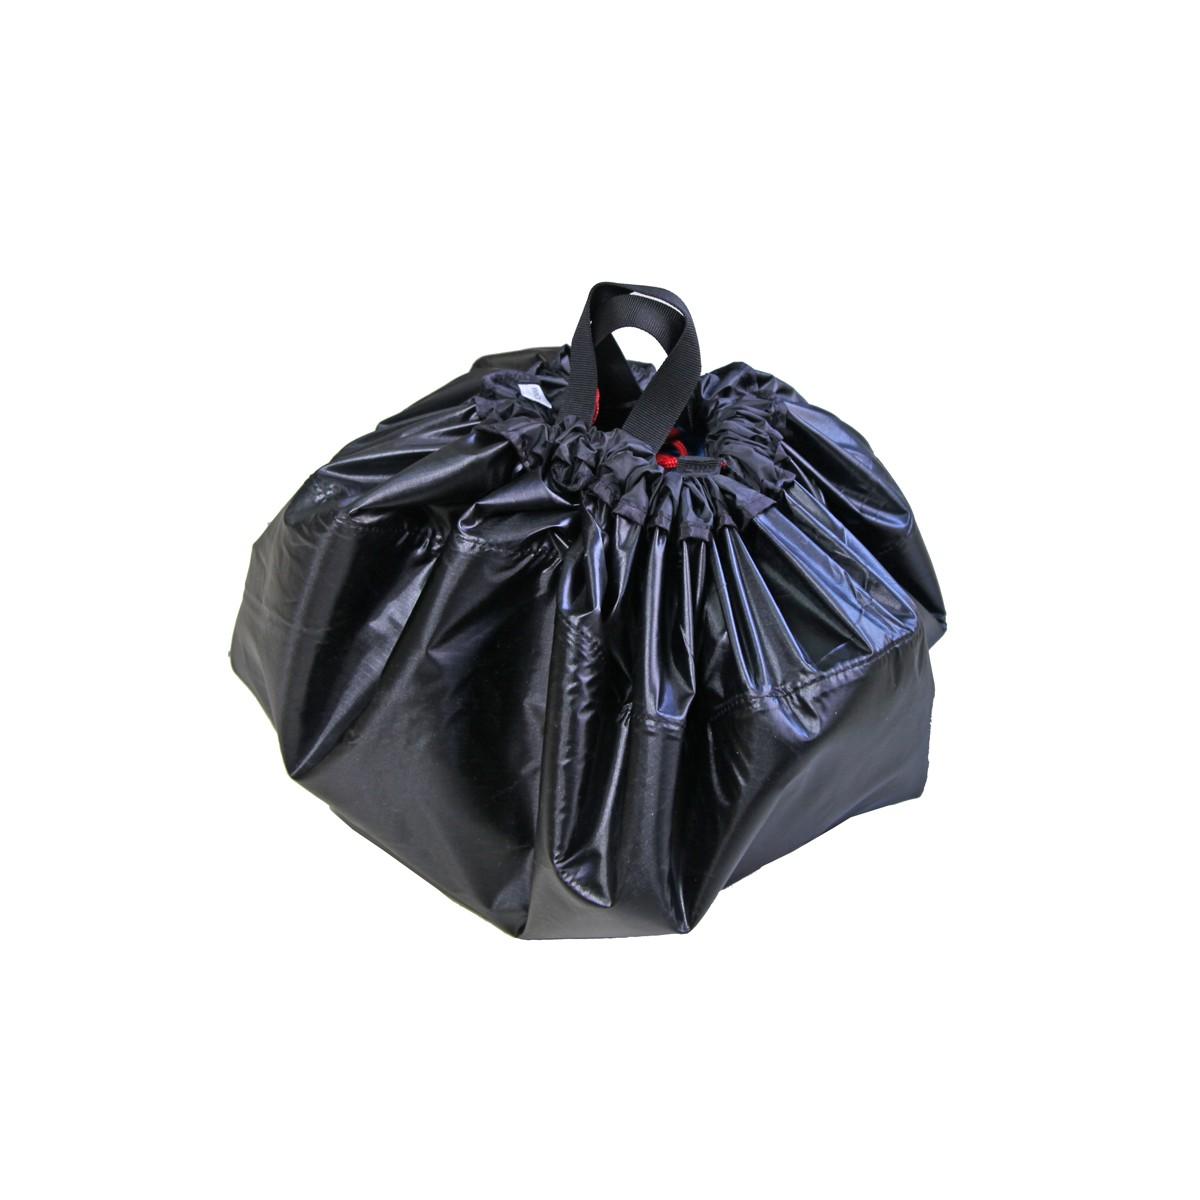 wetsuit-bag[1]